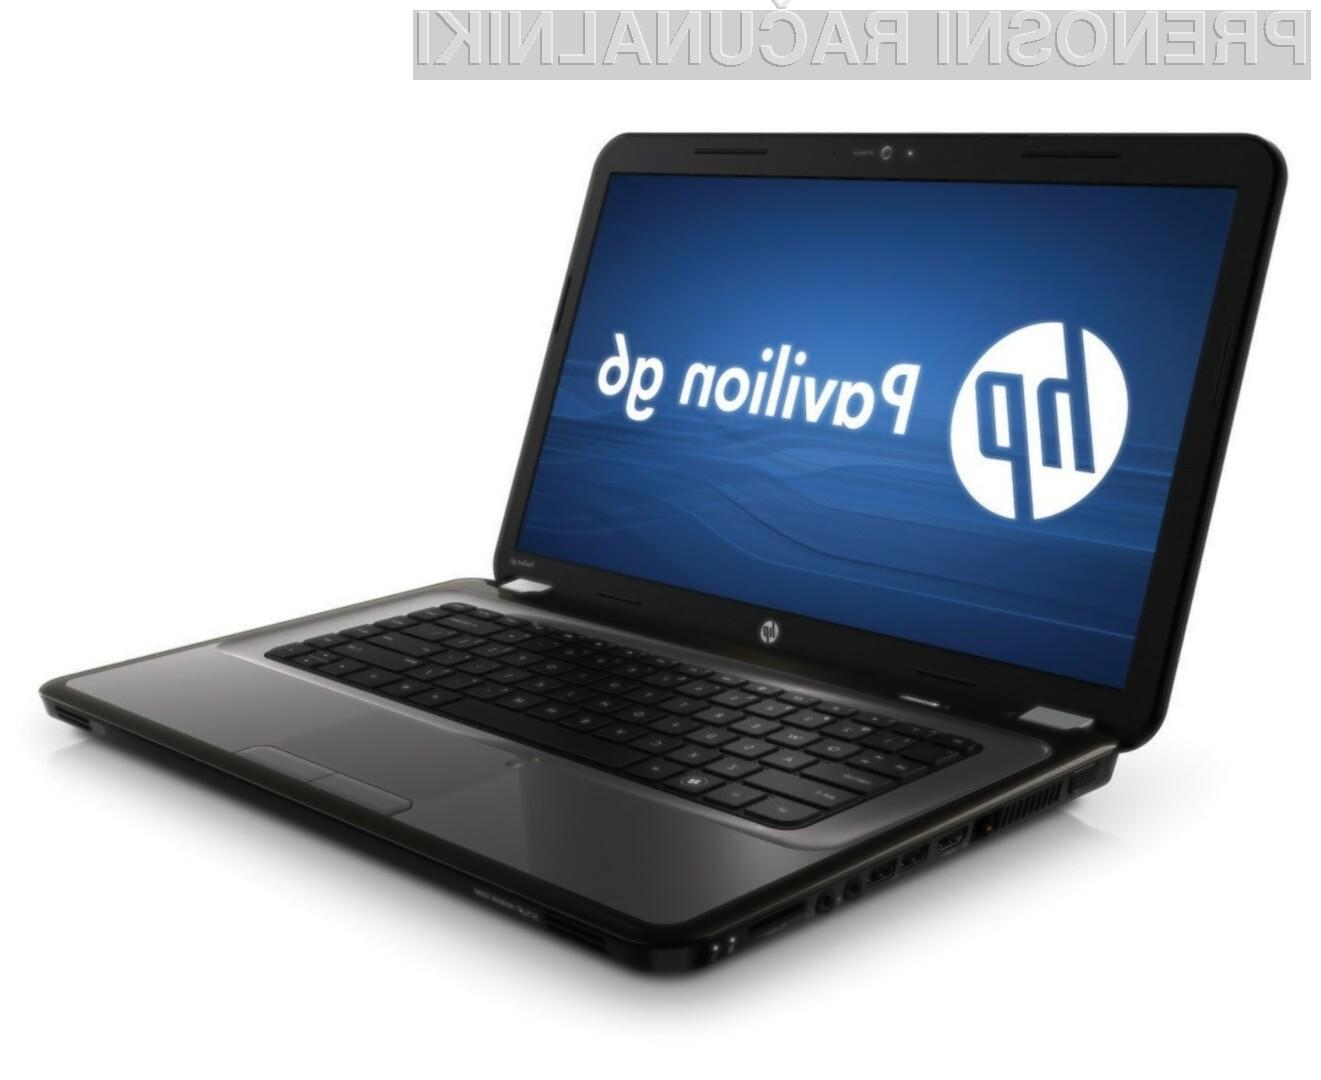 Za HP-jev Pavilion g6-1d21dx bo potrebno odšteti zgolj 270 evrov.